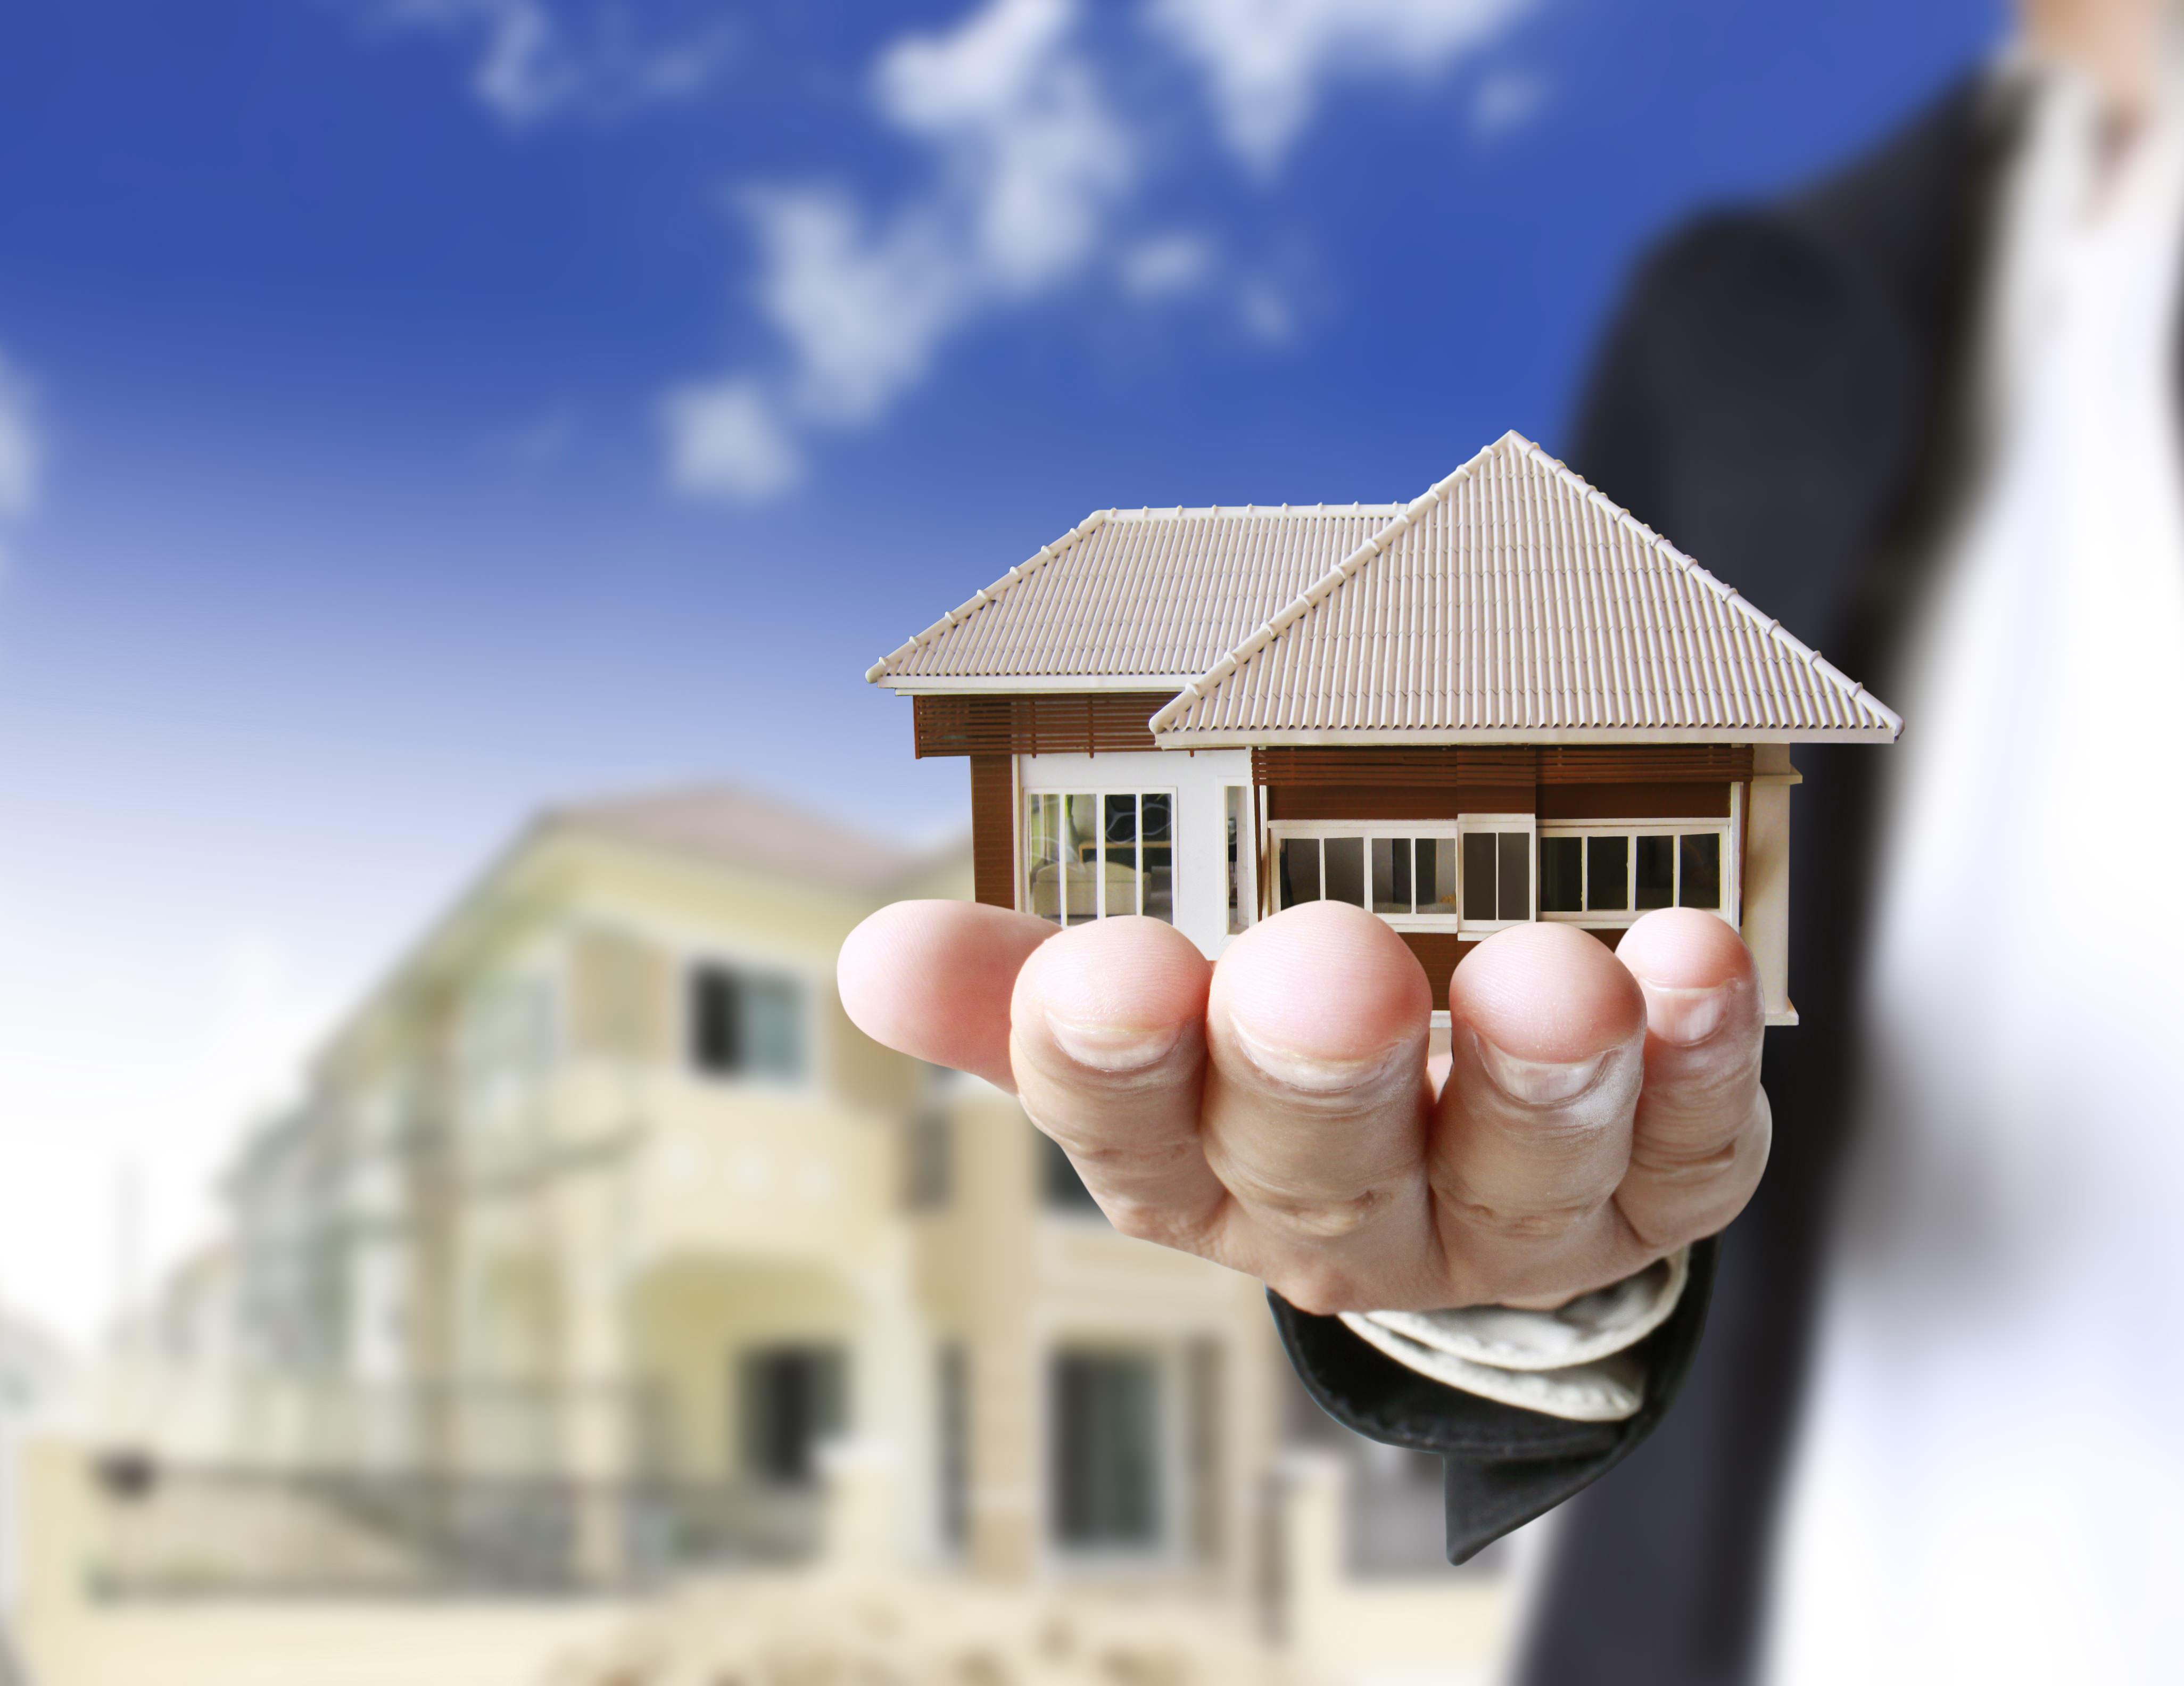 Сколько стоит налог на дом в испании